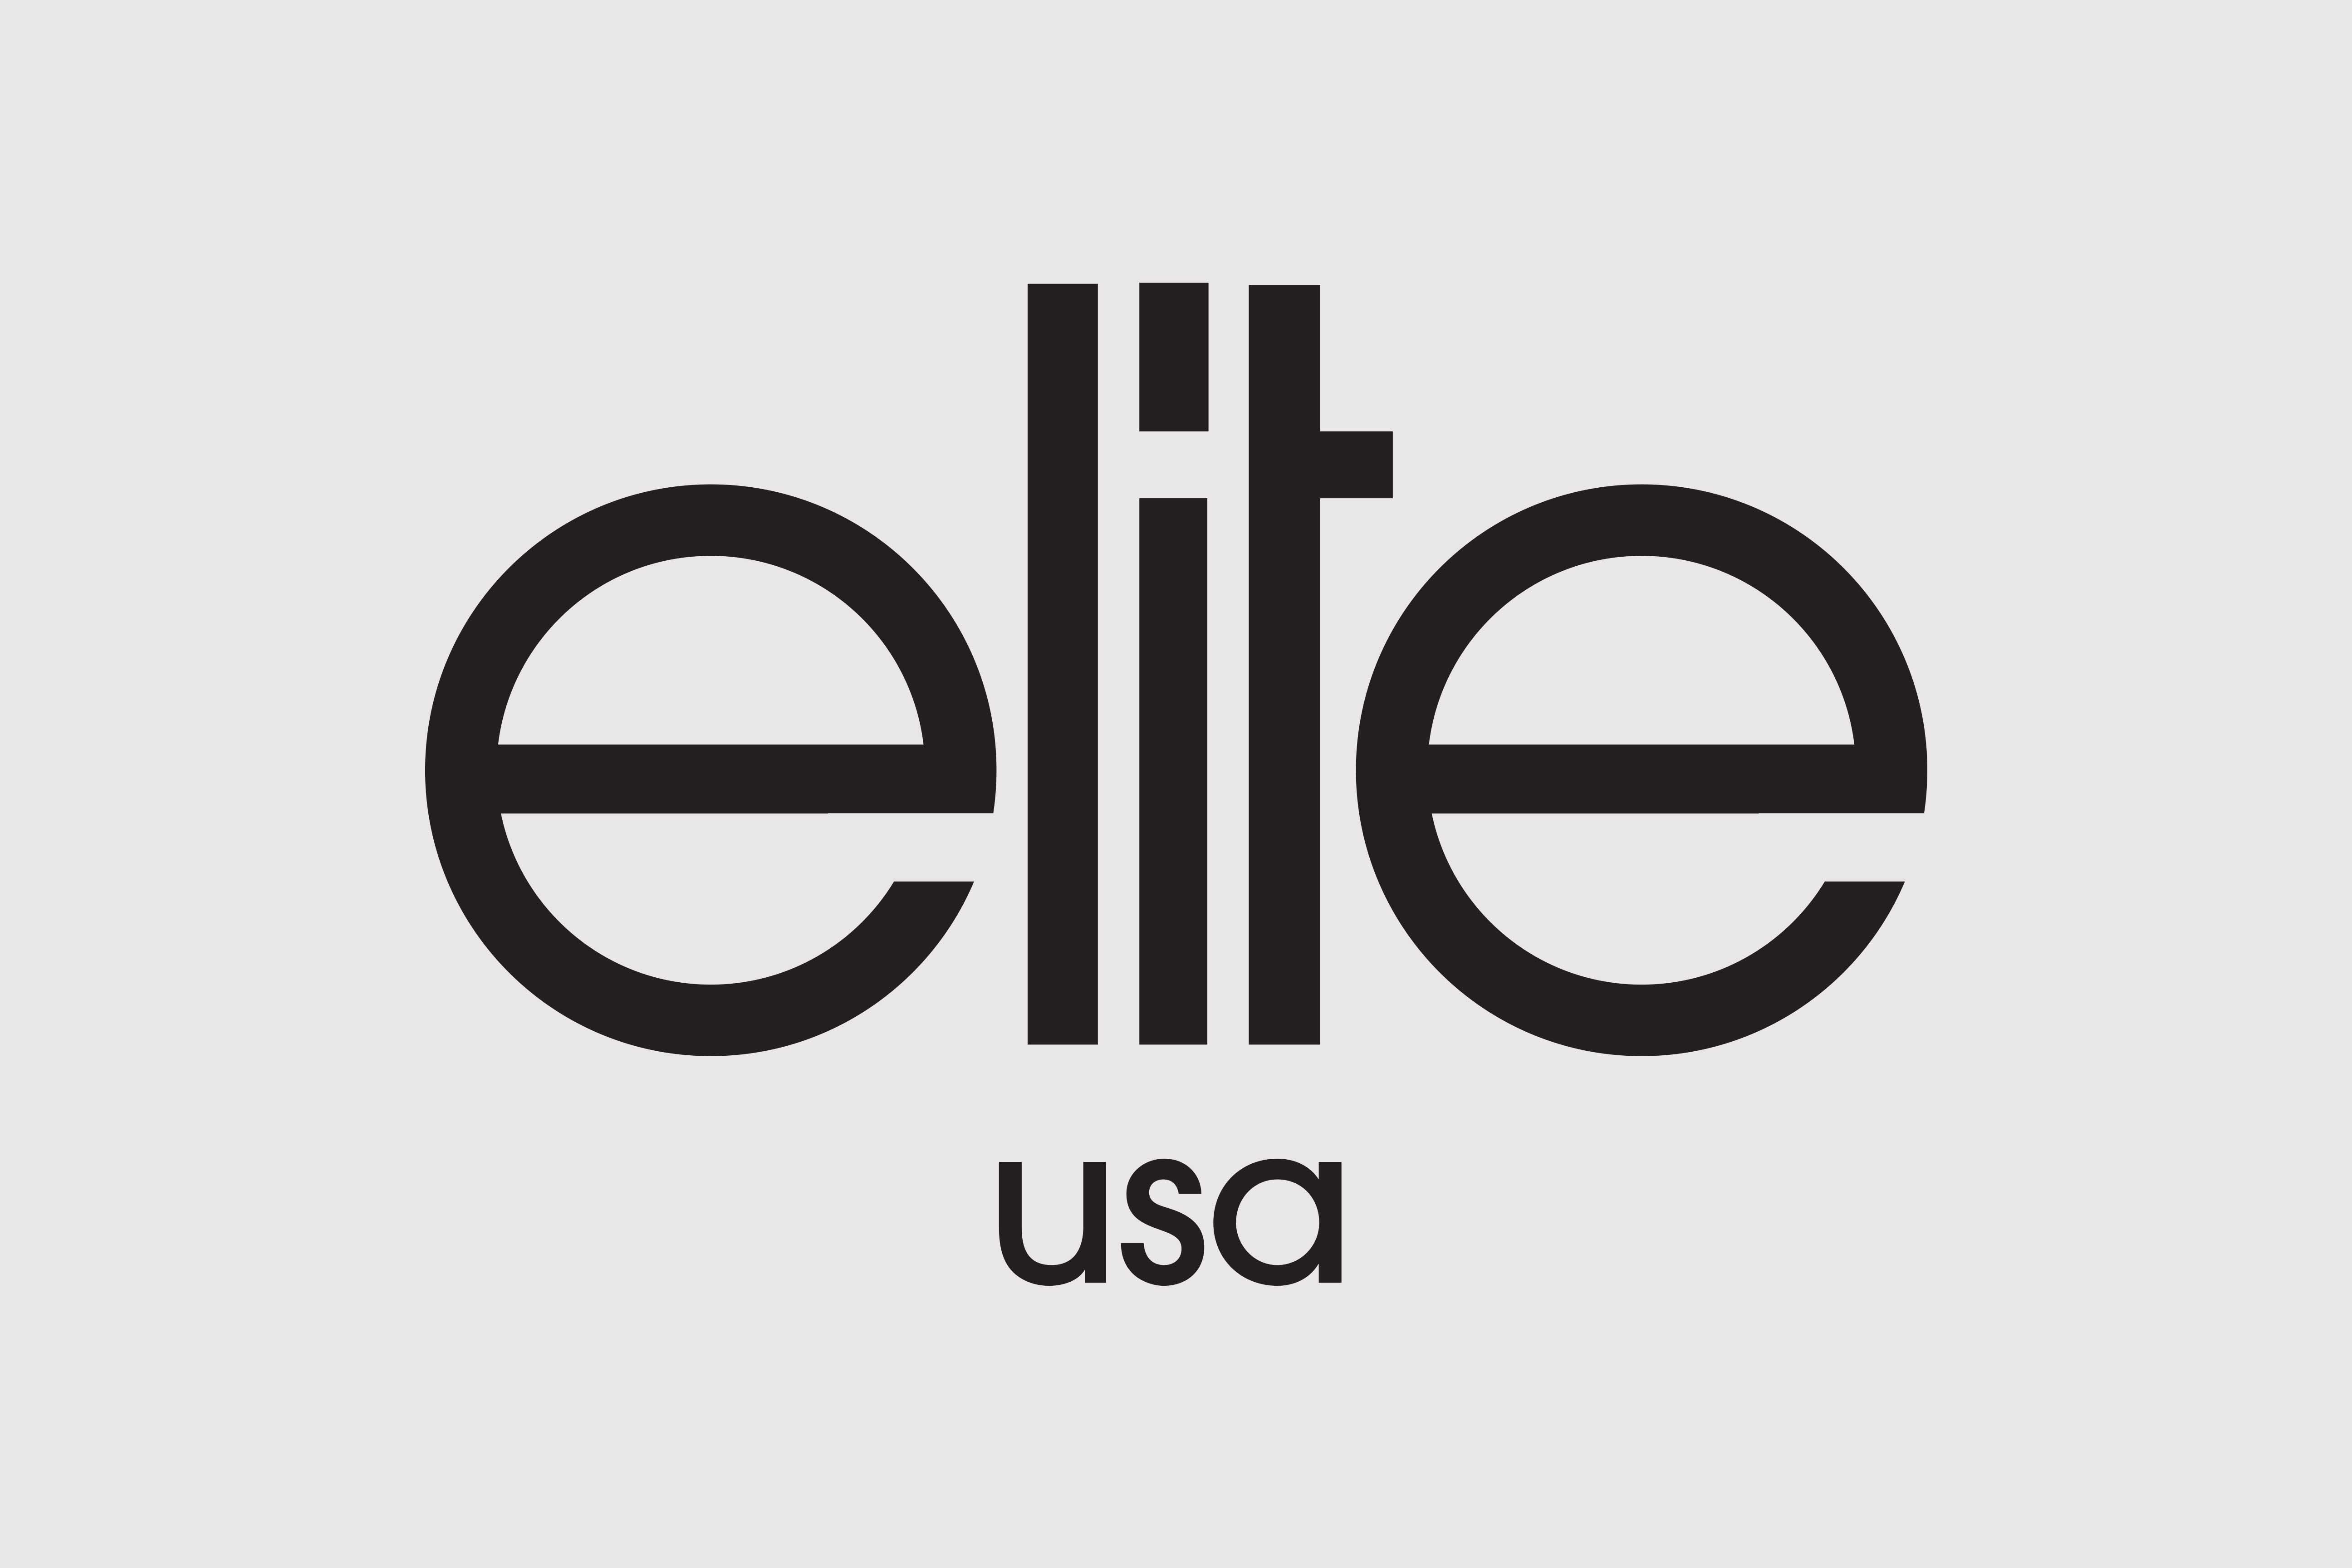 Elite USA